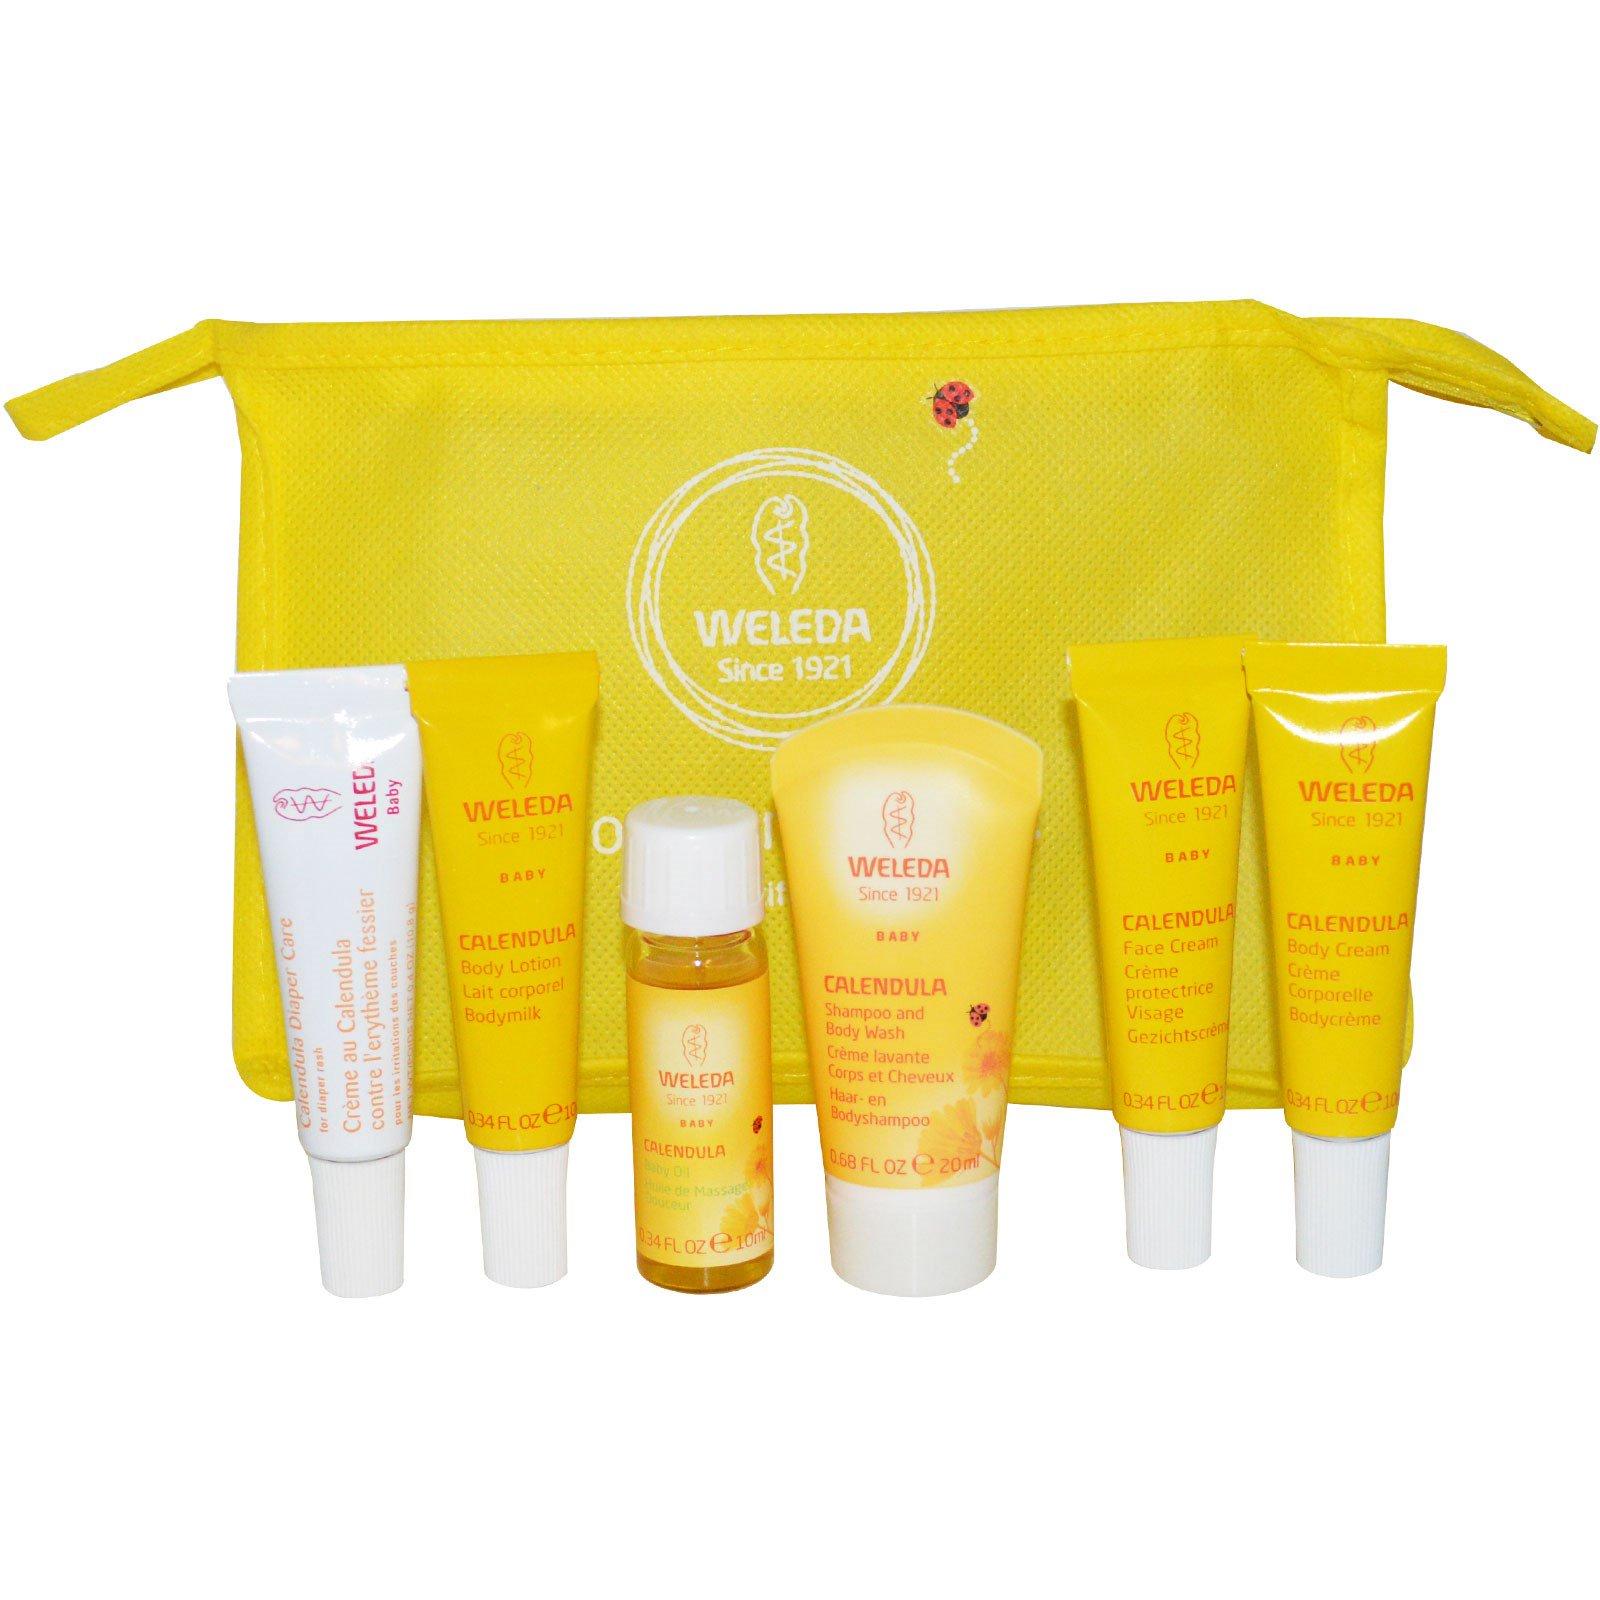 weleda baby kit